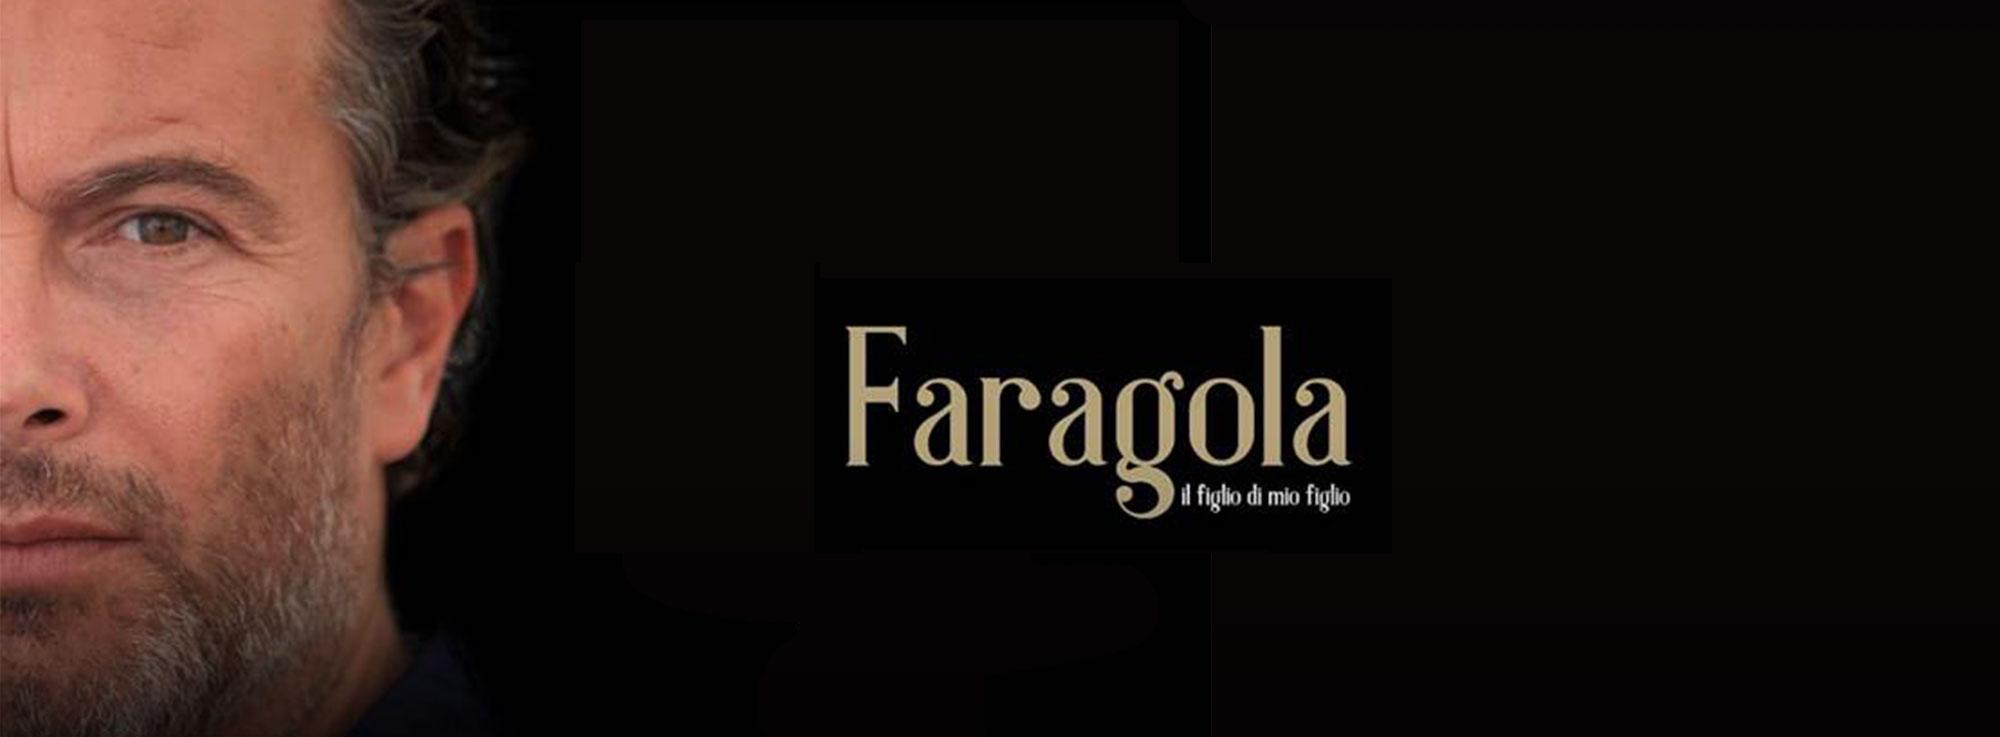 Foggia: Faragola – il figlio di mio figlio